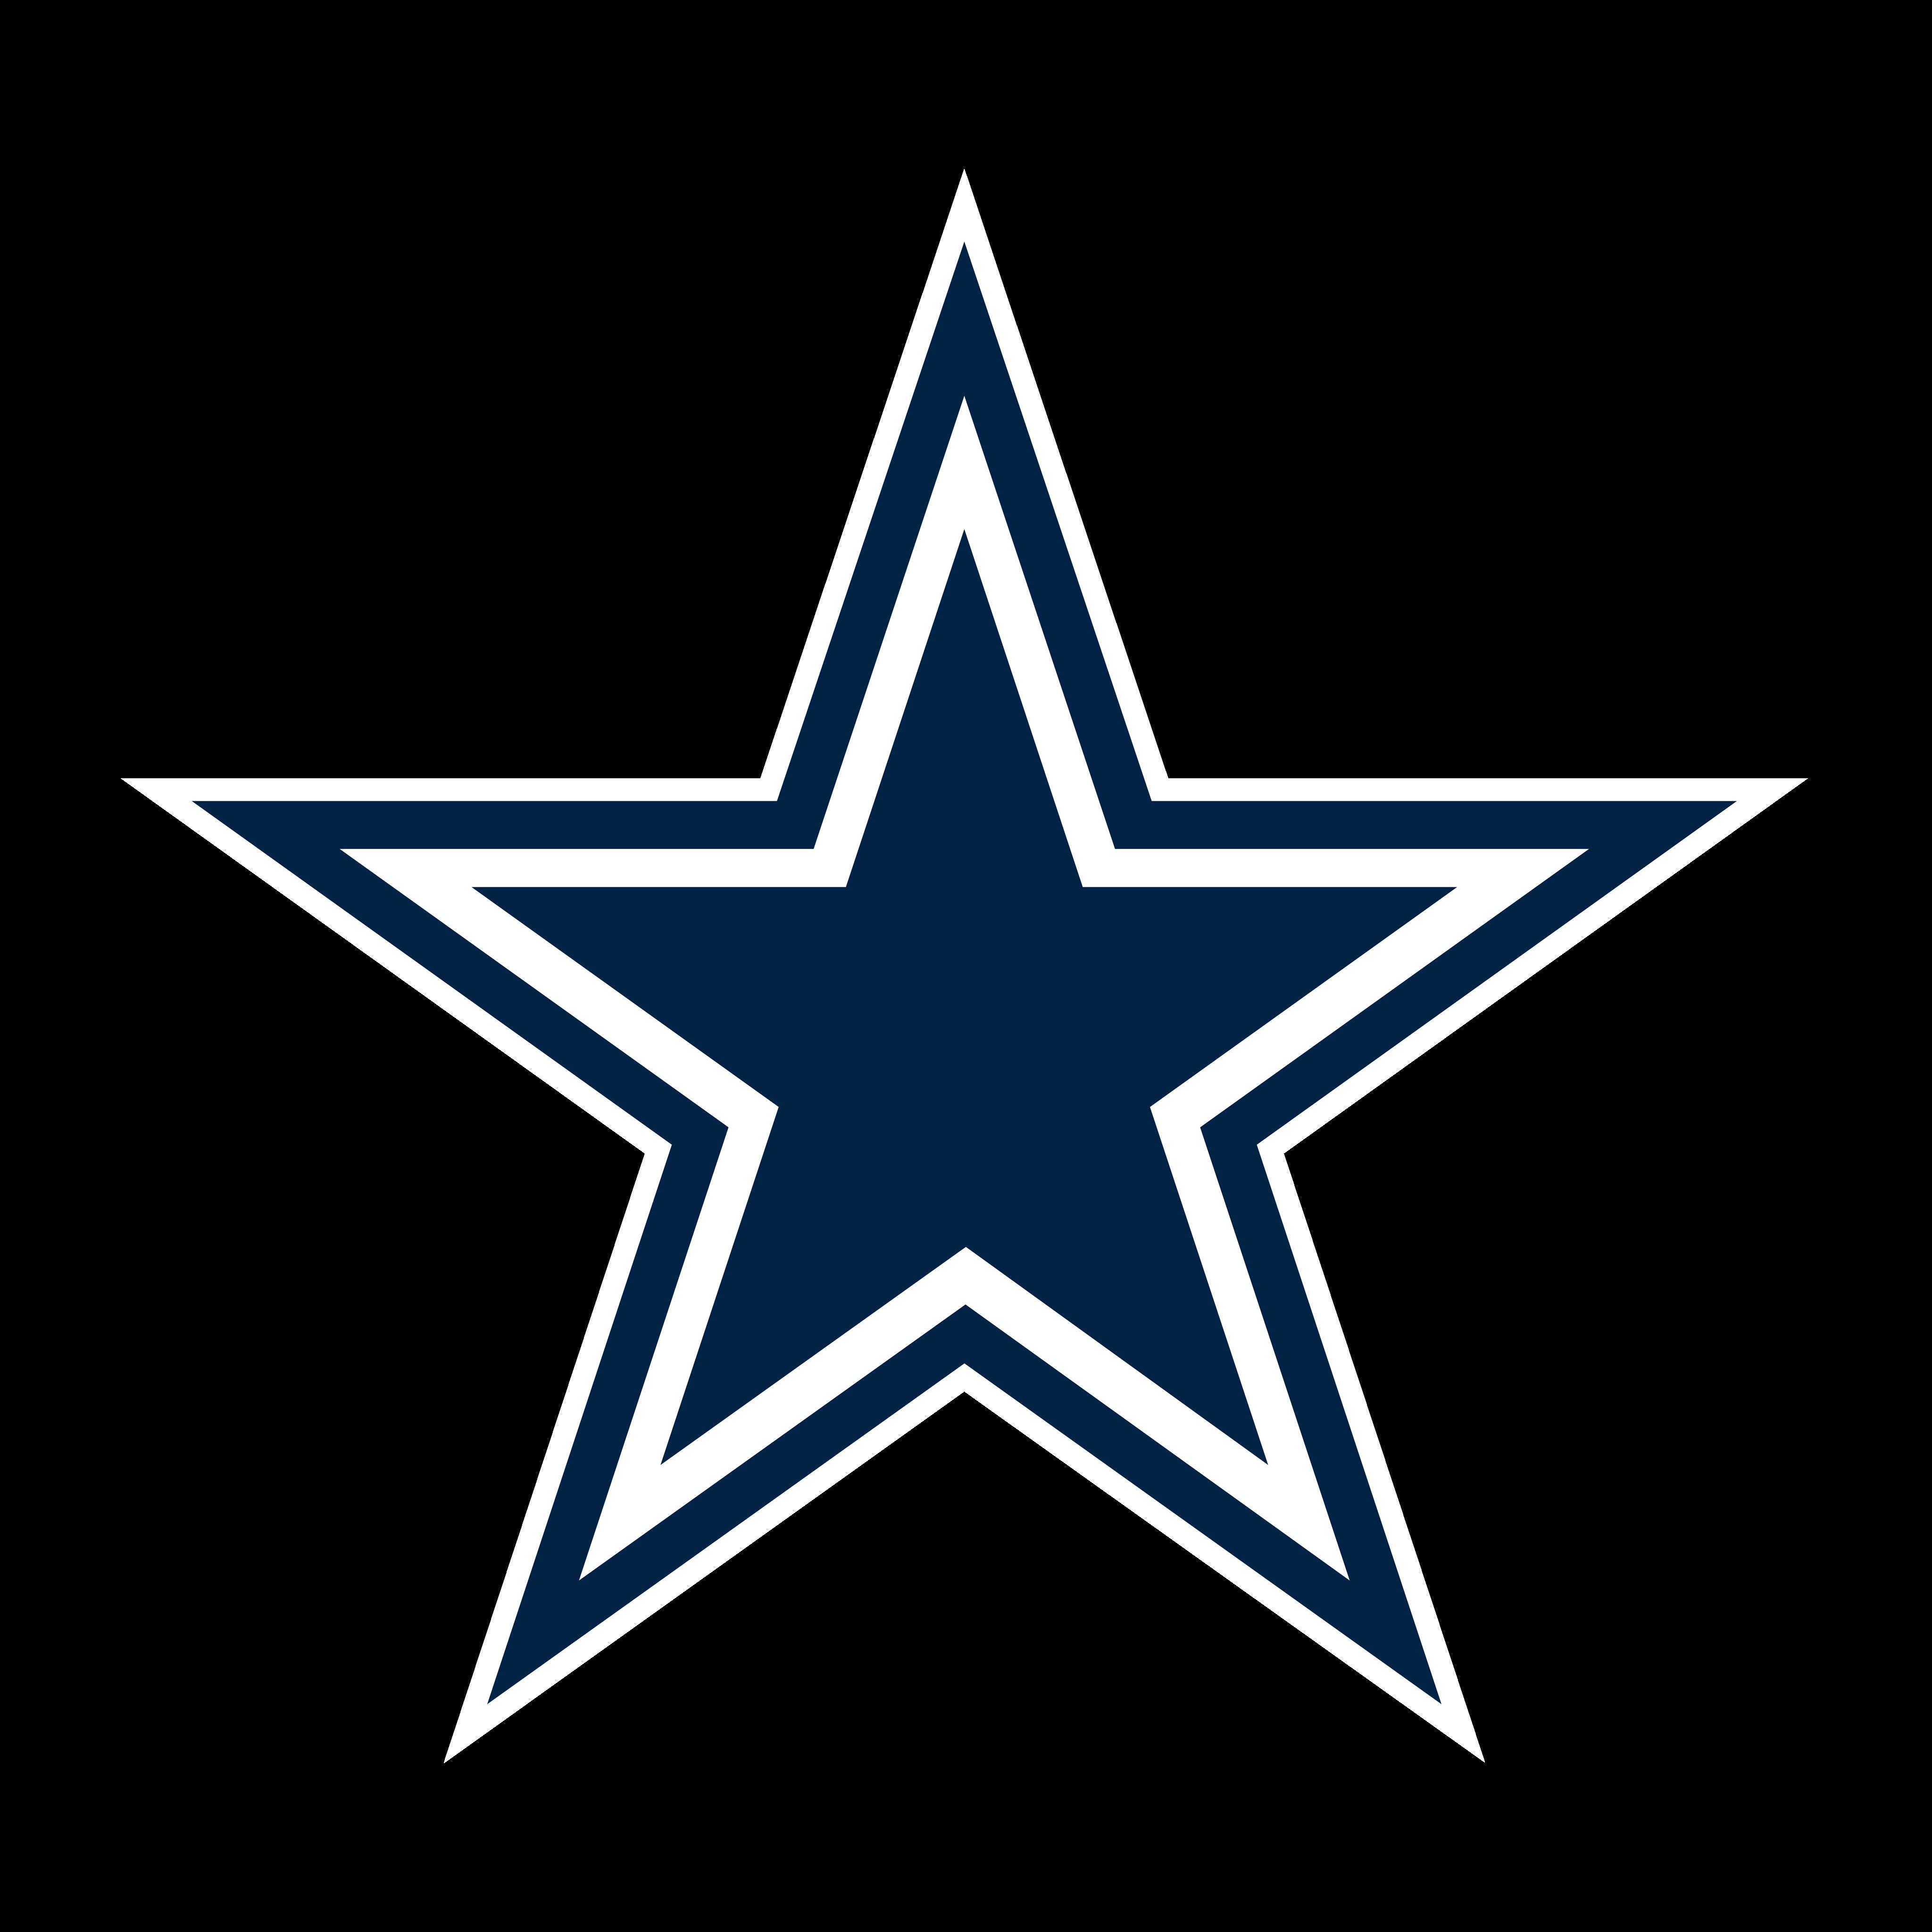 dallas cowboys logo 0 - Dallas Cowboys Logo